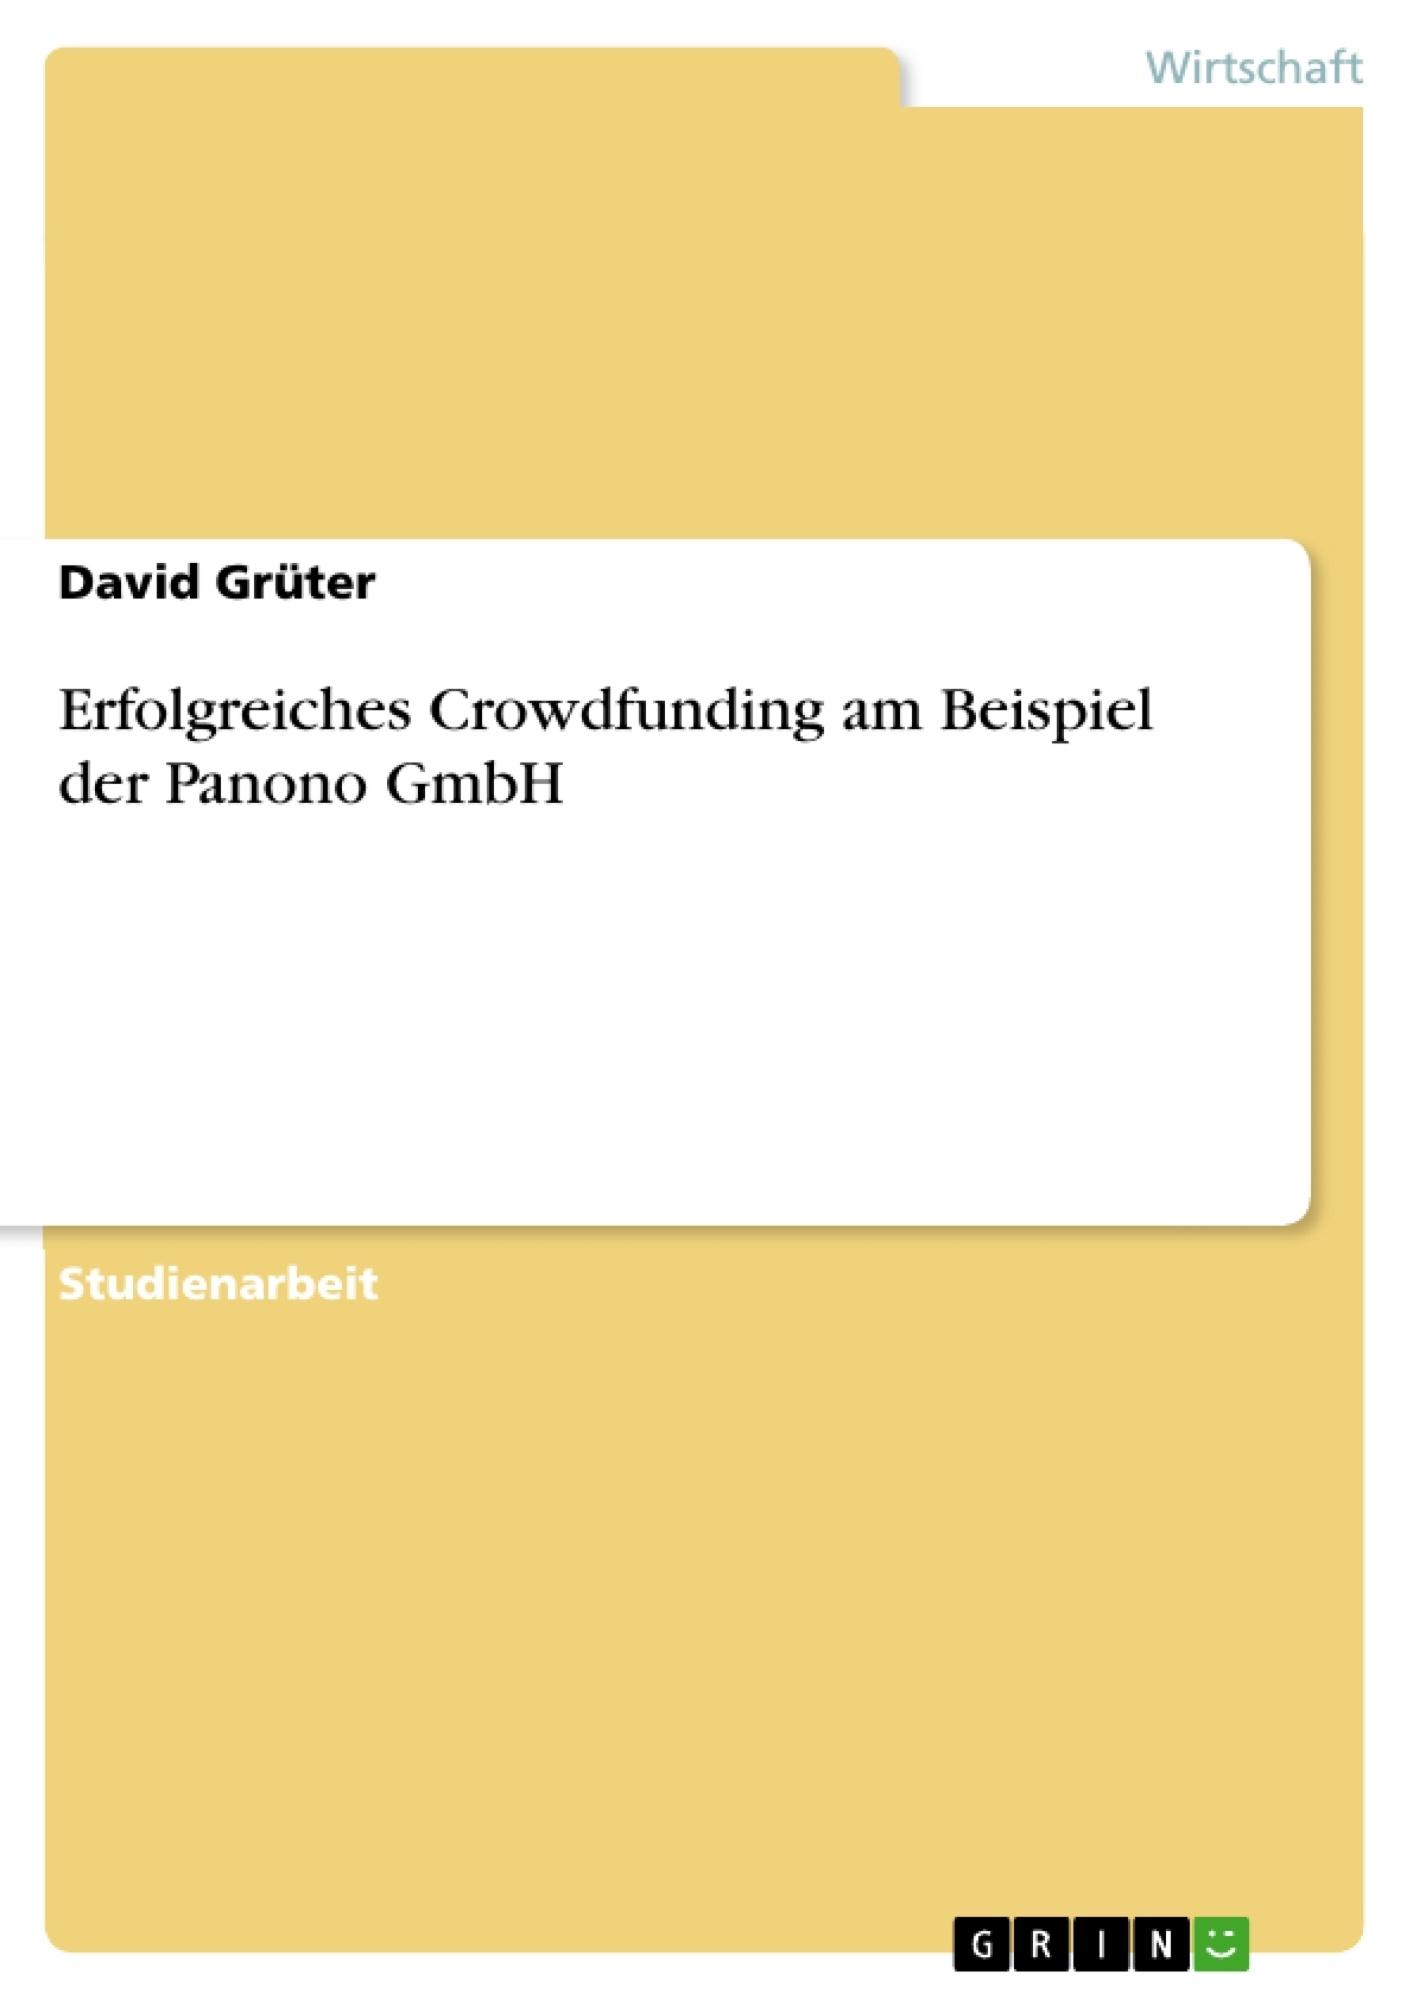 Titel: Erfolgreiches Crowdfunding am Beispiel der Panono GmbH